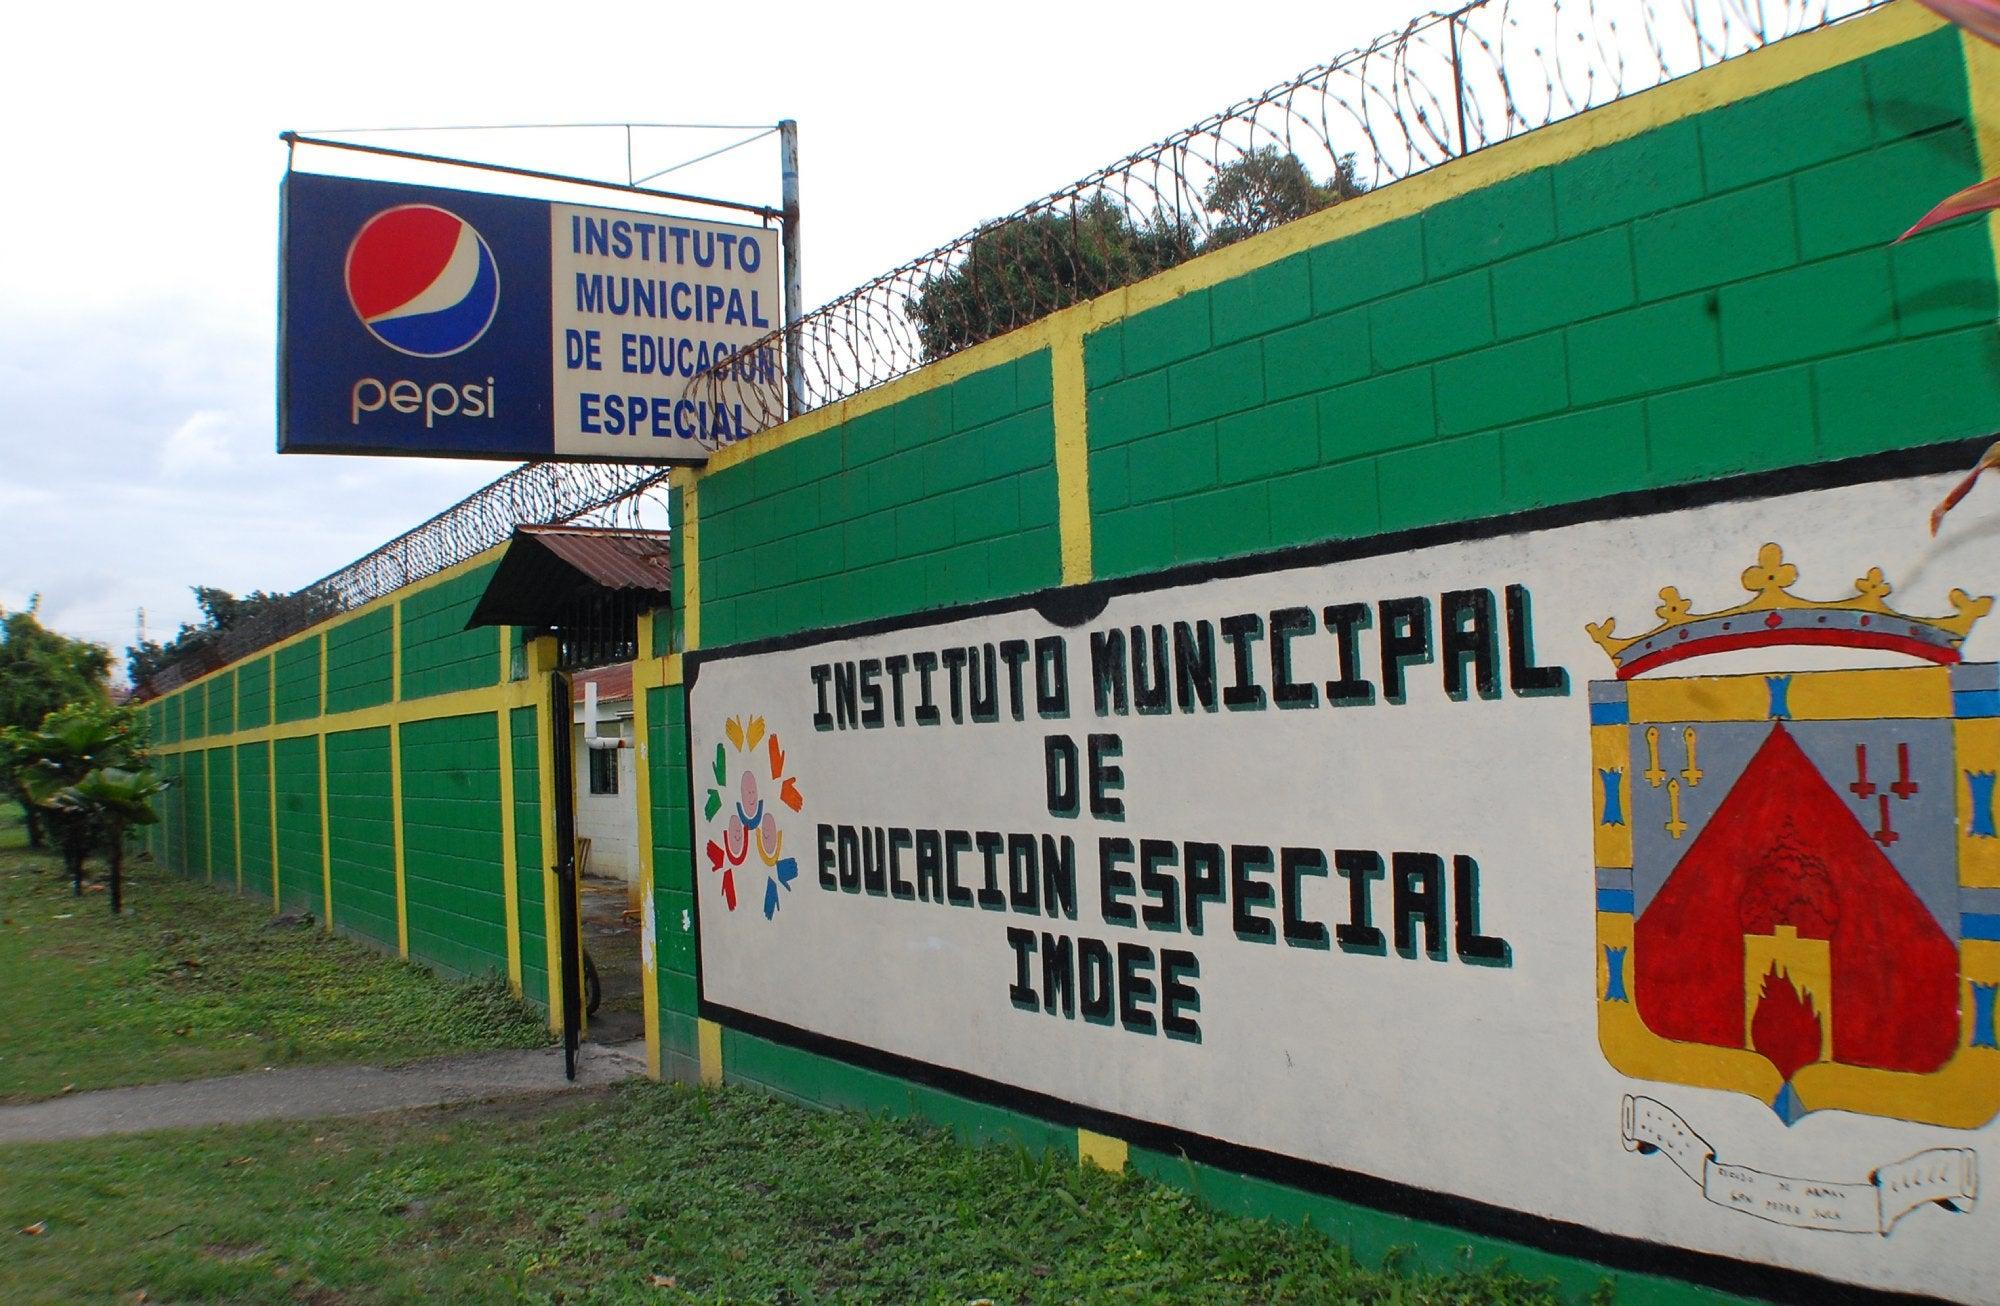 Instituto municipal de educación inicia año escolar con importantes mejoras